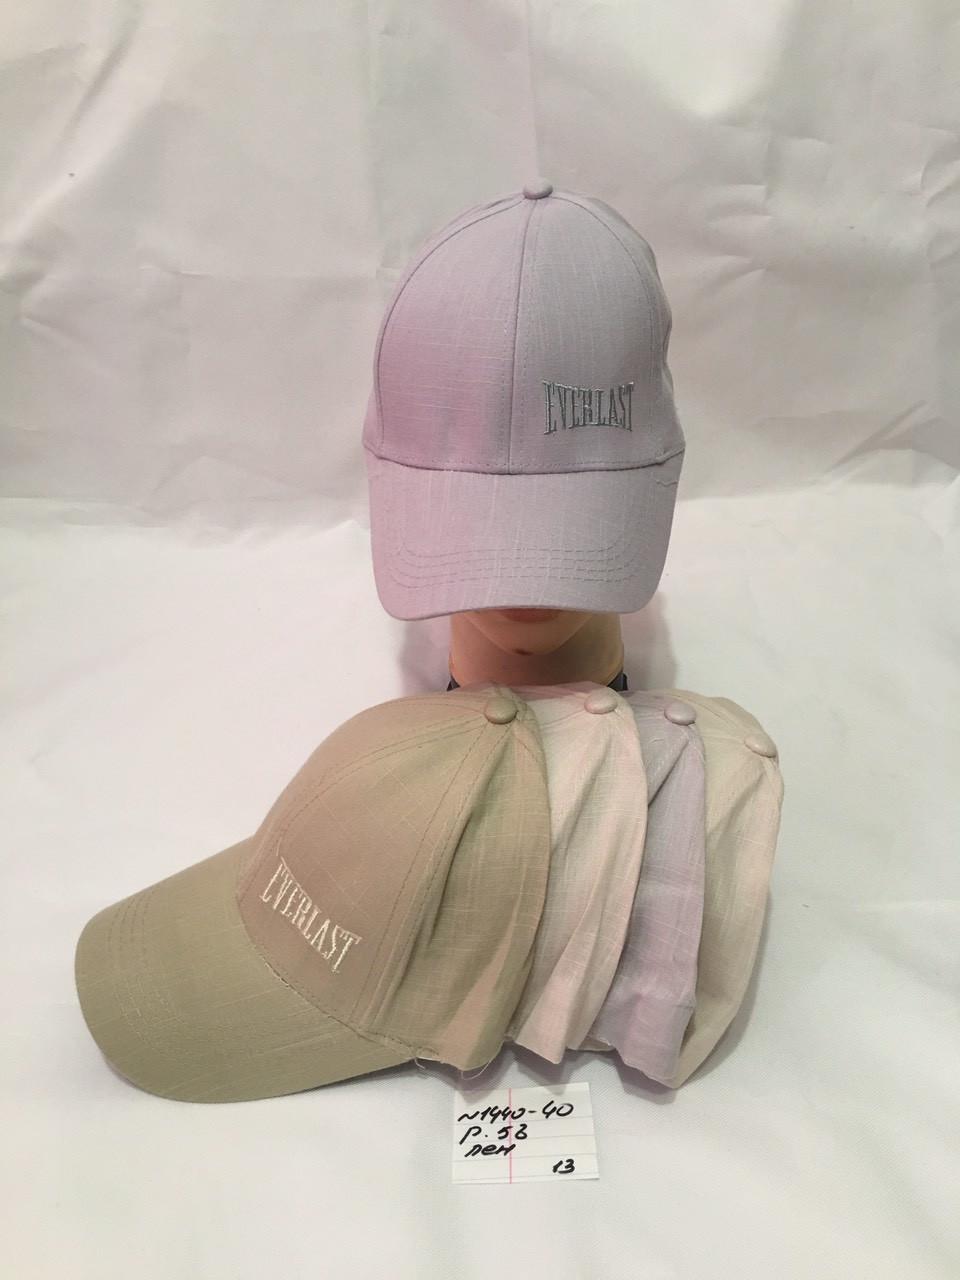 Підліткова однотонна річна кепка для хлопчика р. 58 льон